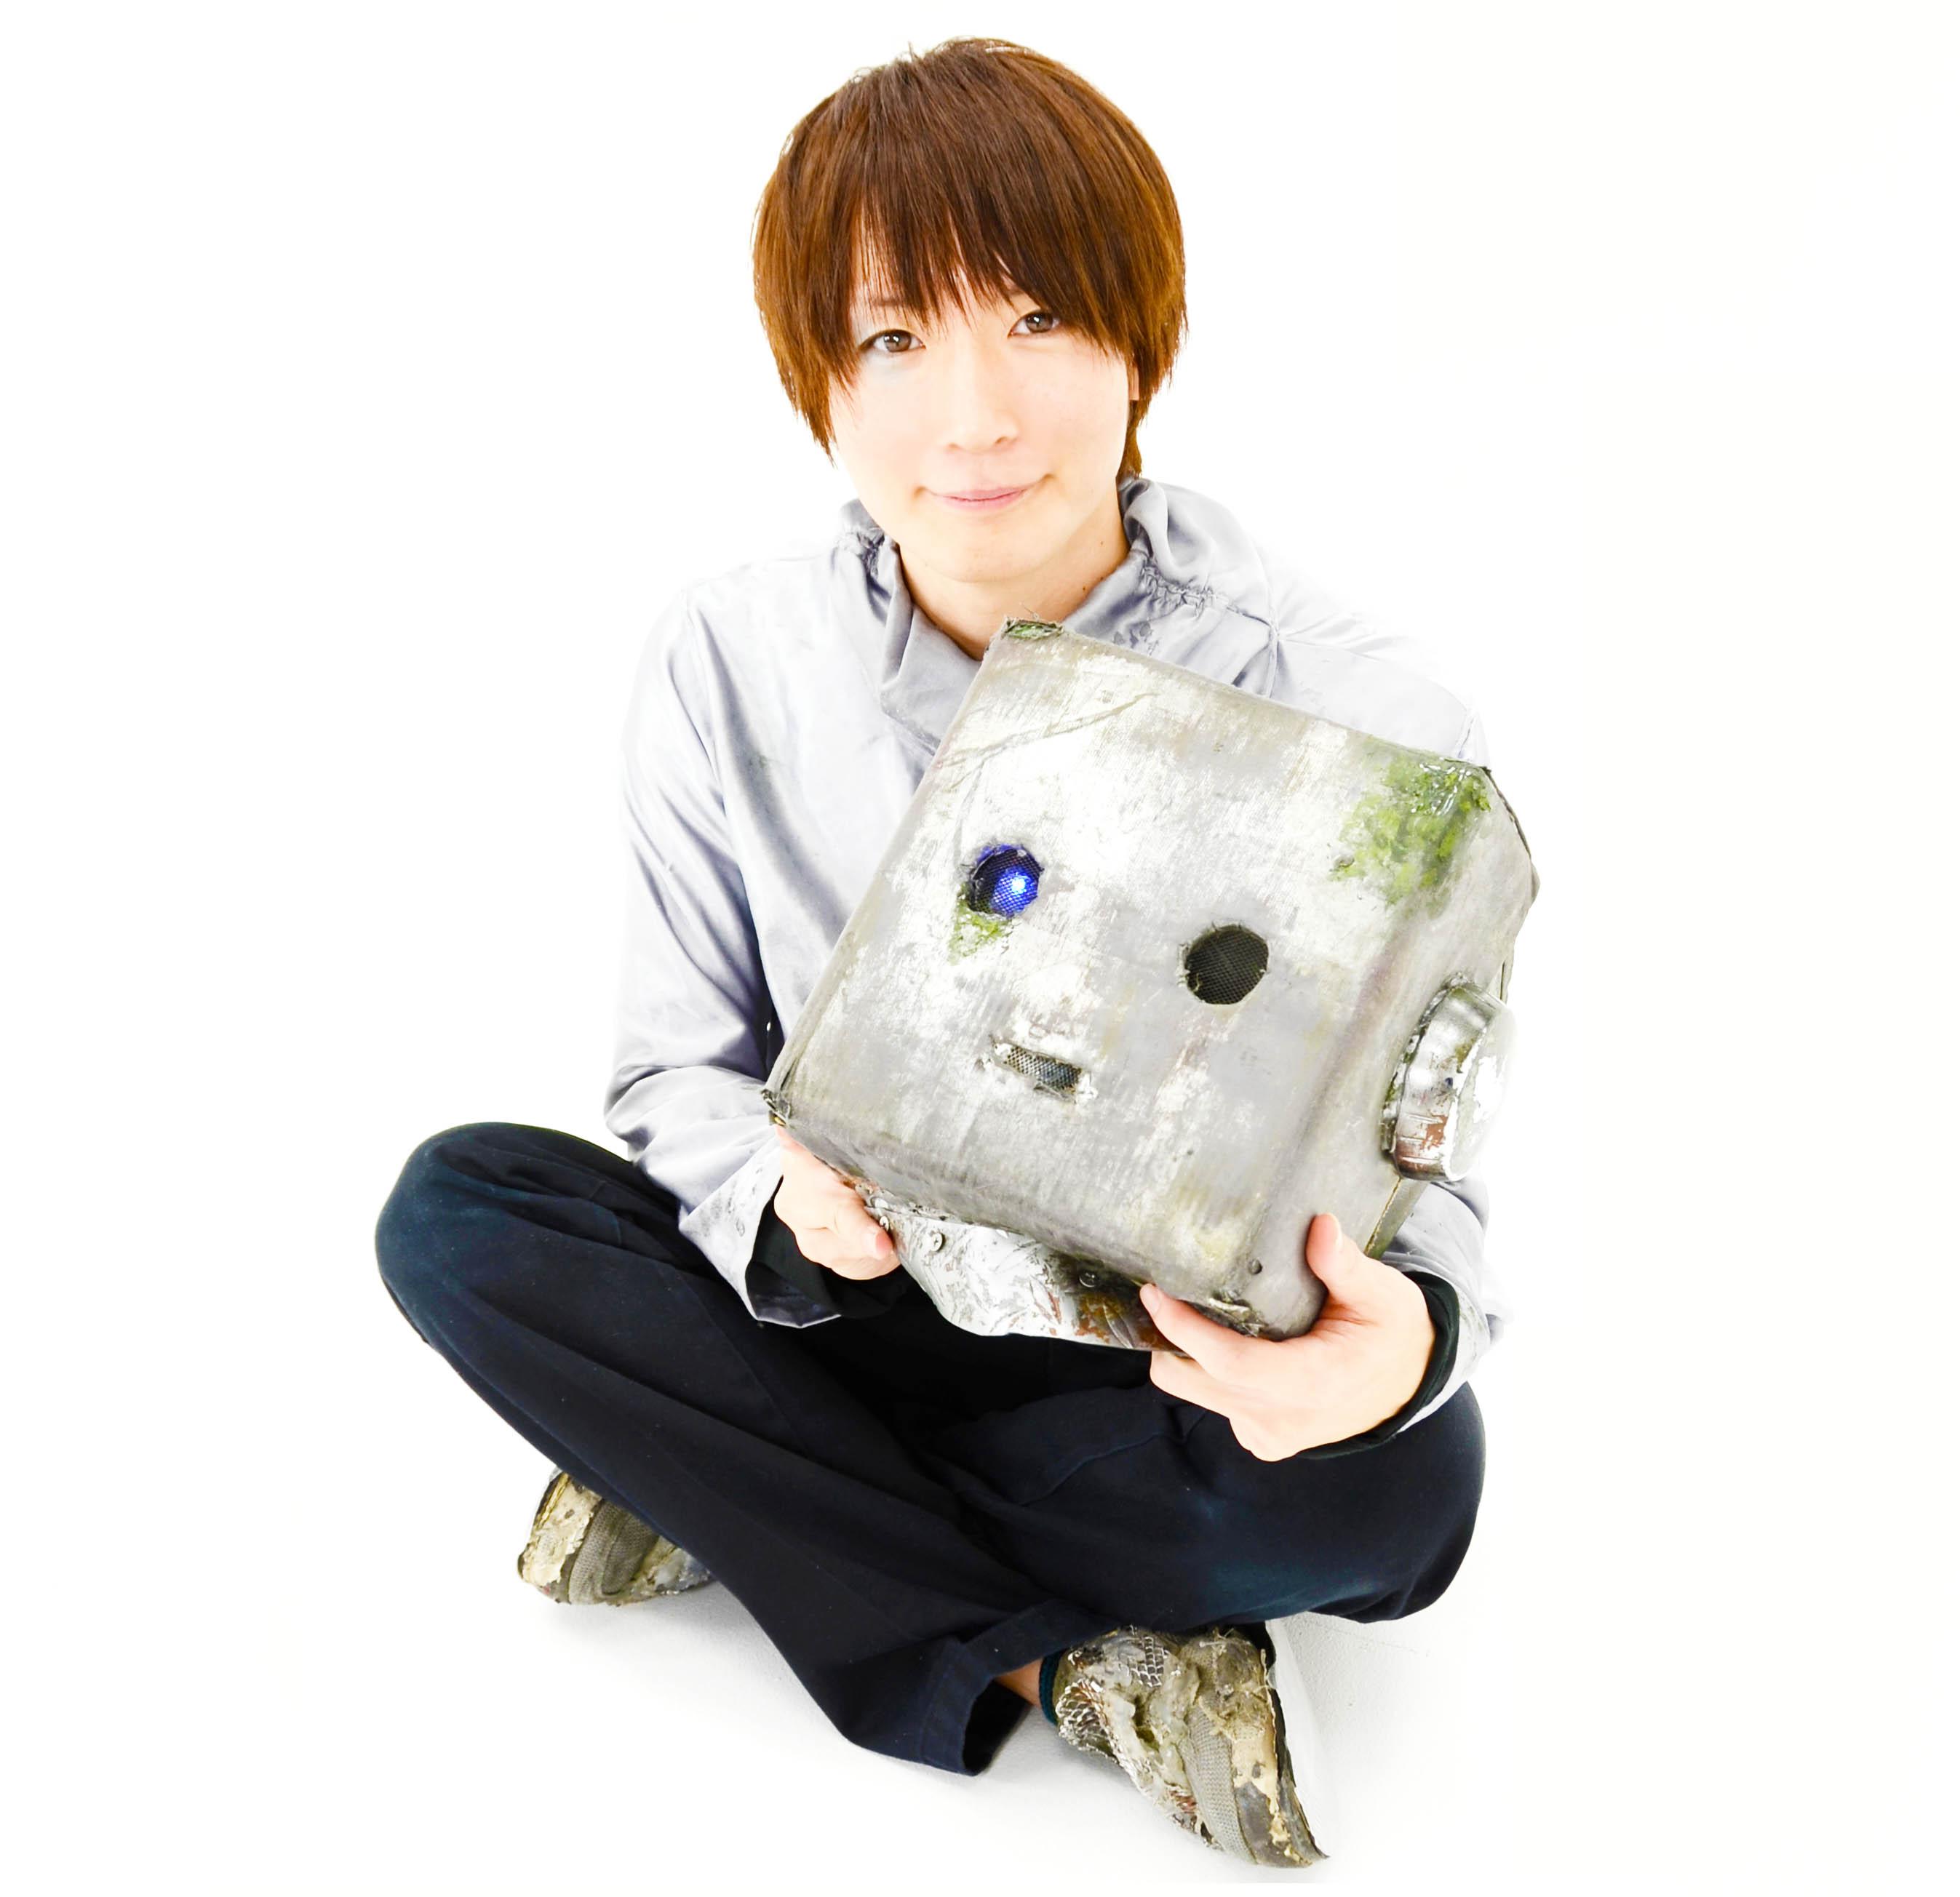 【募集終了!!】パフォーマンス朗読劇 2「星の王子様とロボット」